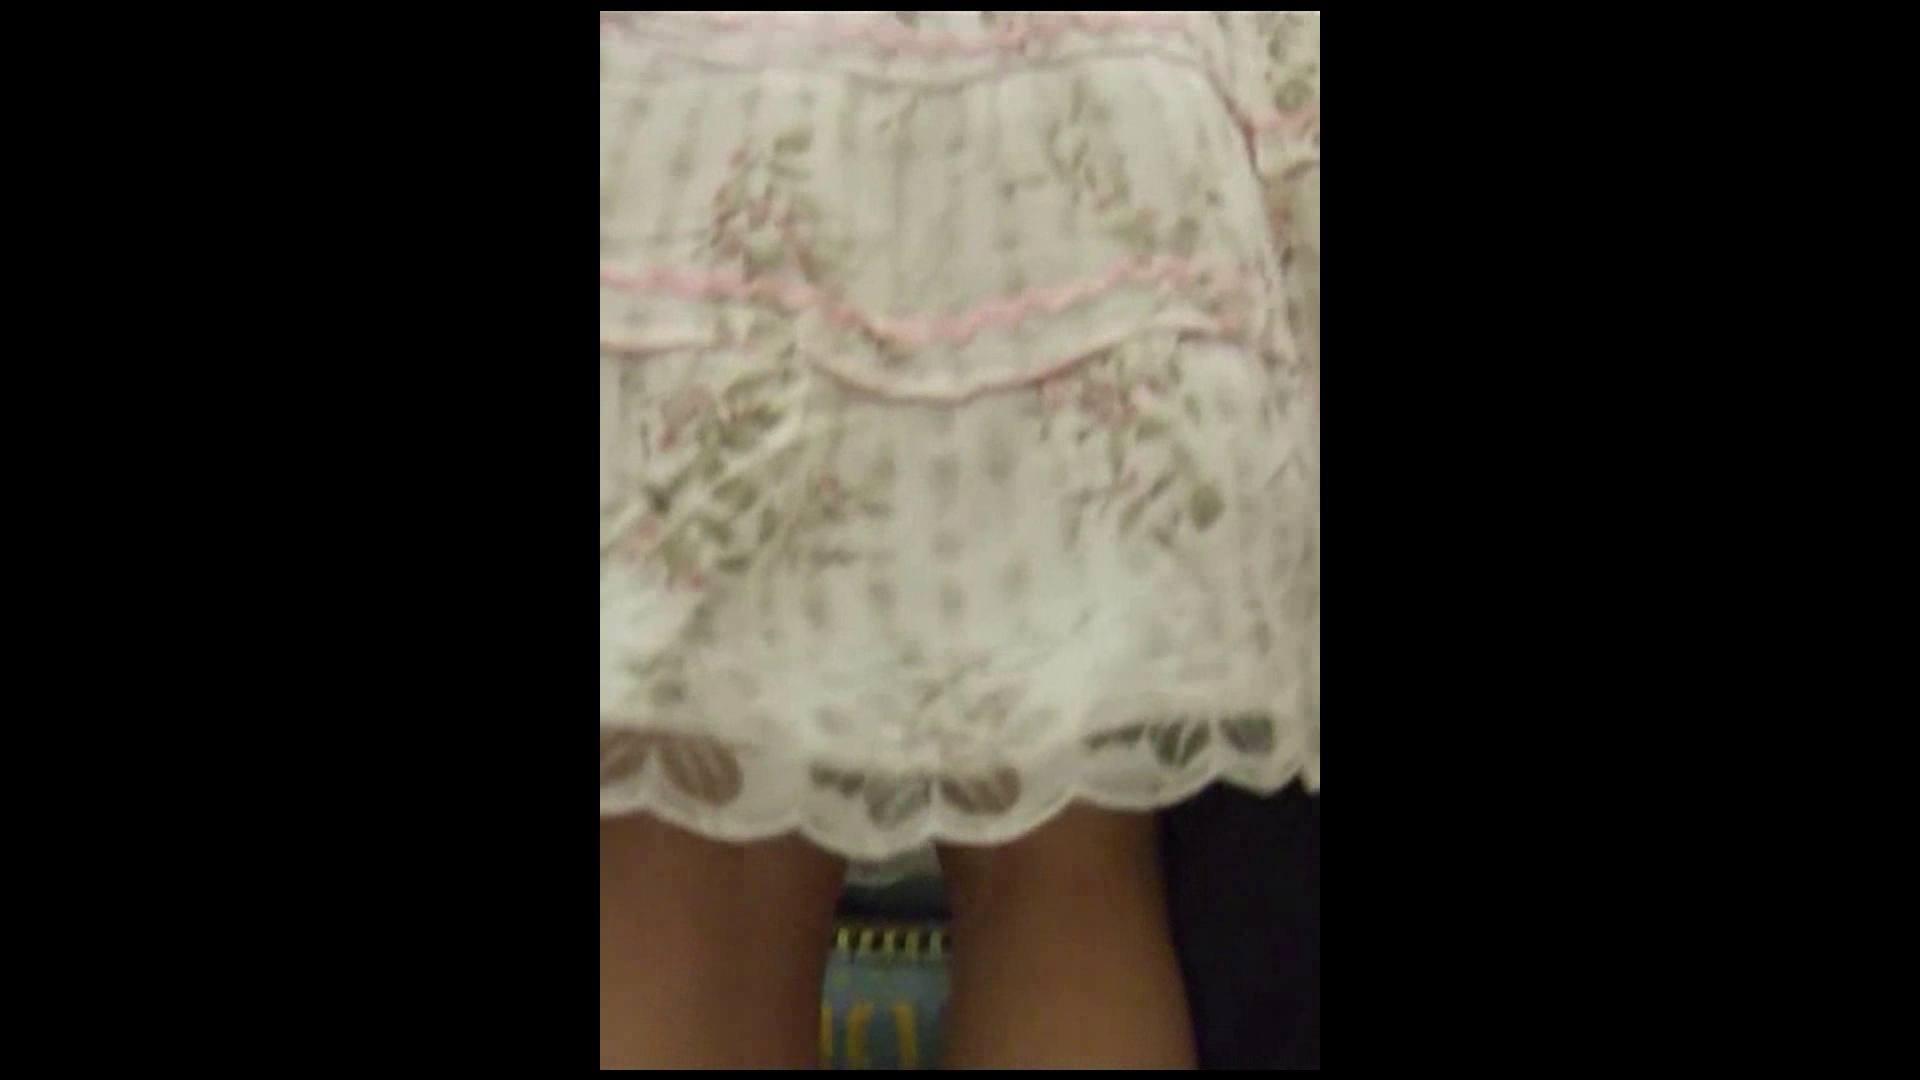 綺麗なモデルさんのスカート捲っちゃおう‼vol02 HなOL   モデルヌード  93pic 85